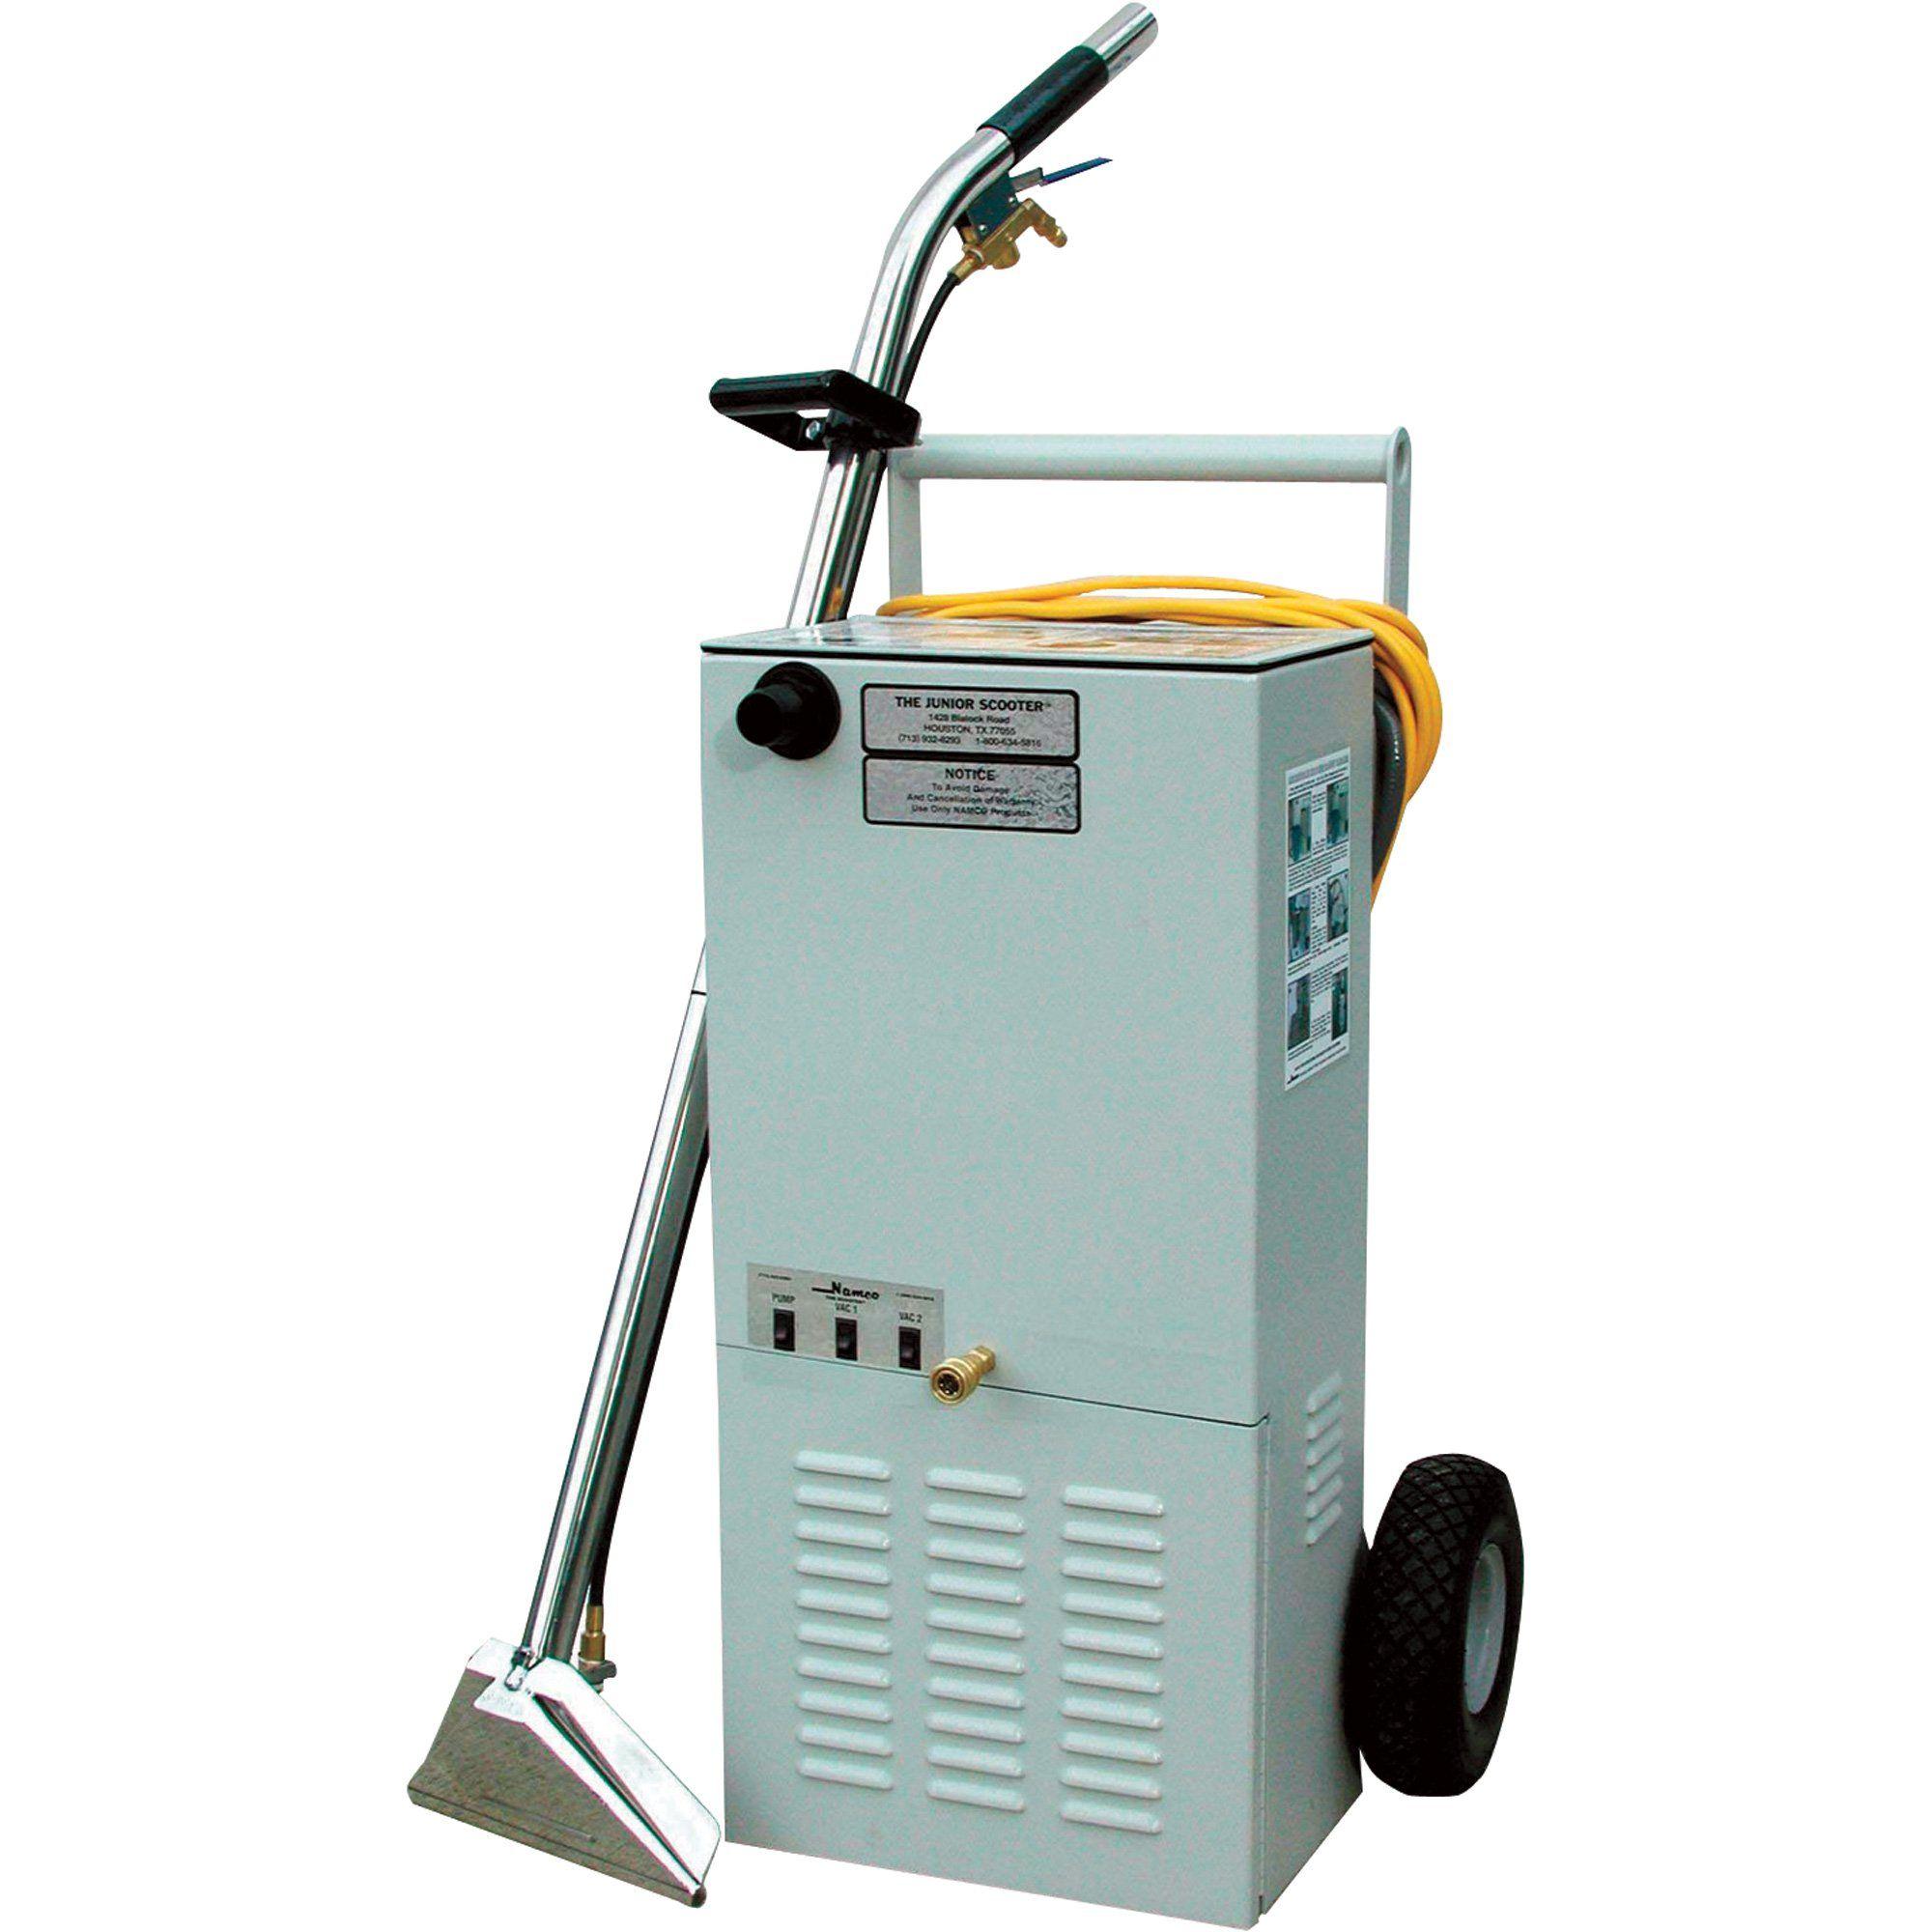 Namco Scooter Jr Carpet Cleaner Model 4108 Carpet Cleaners Carpet Cleaning Machines Carpet Cleaning Equipment